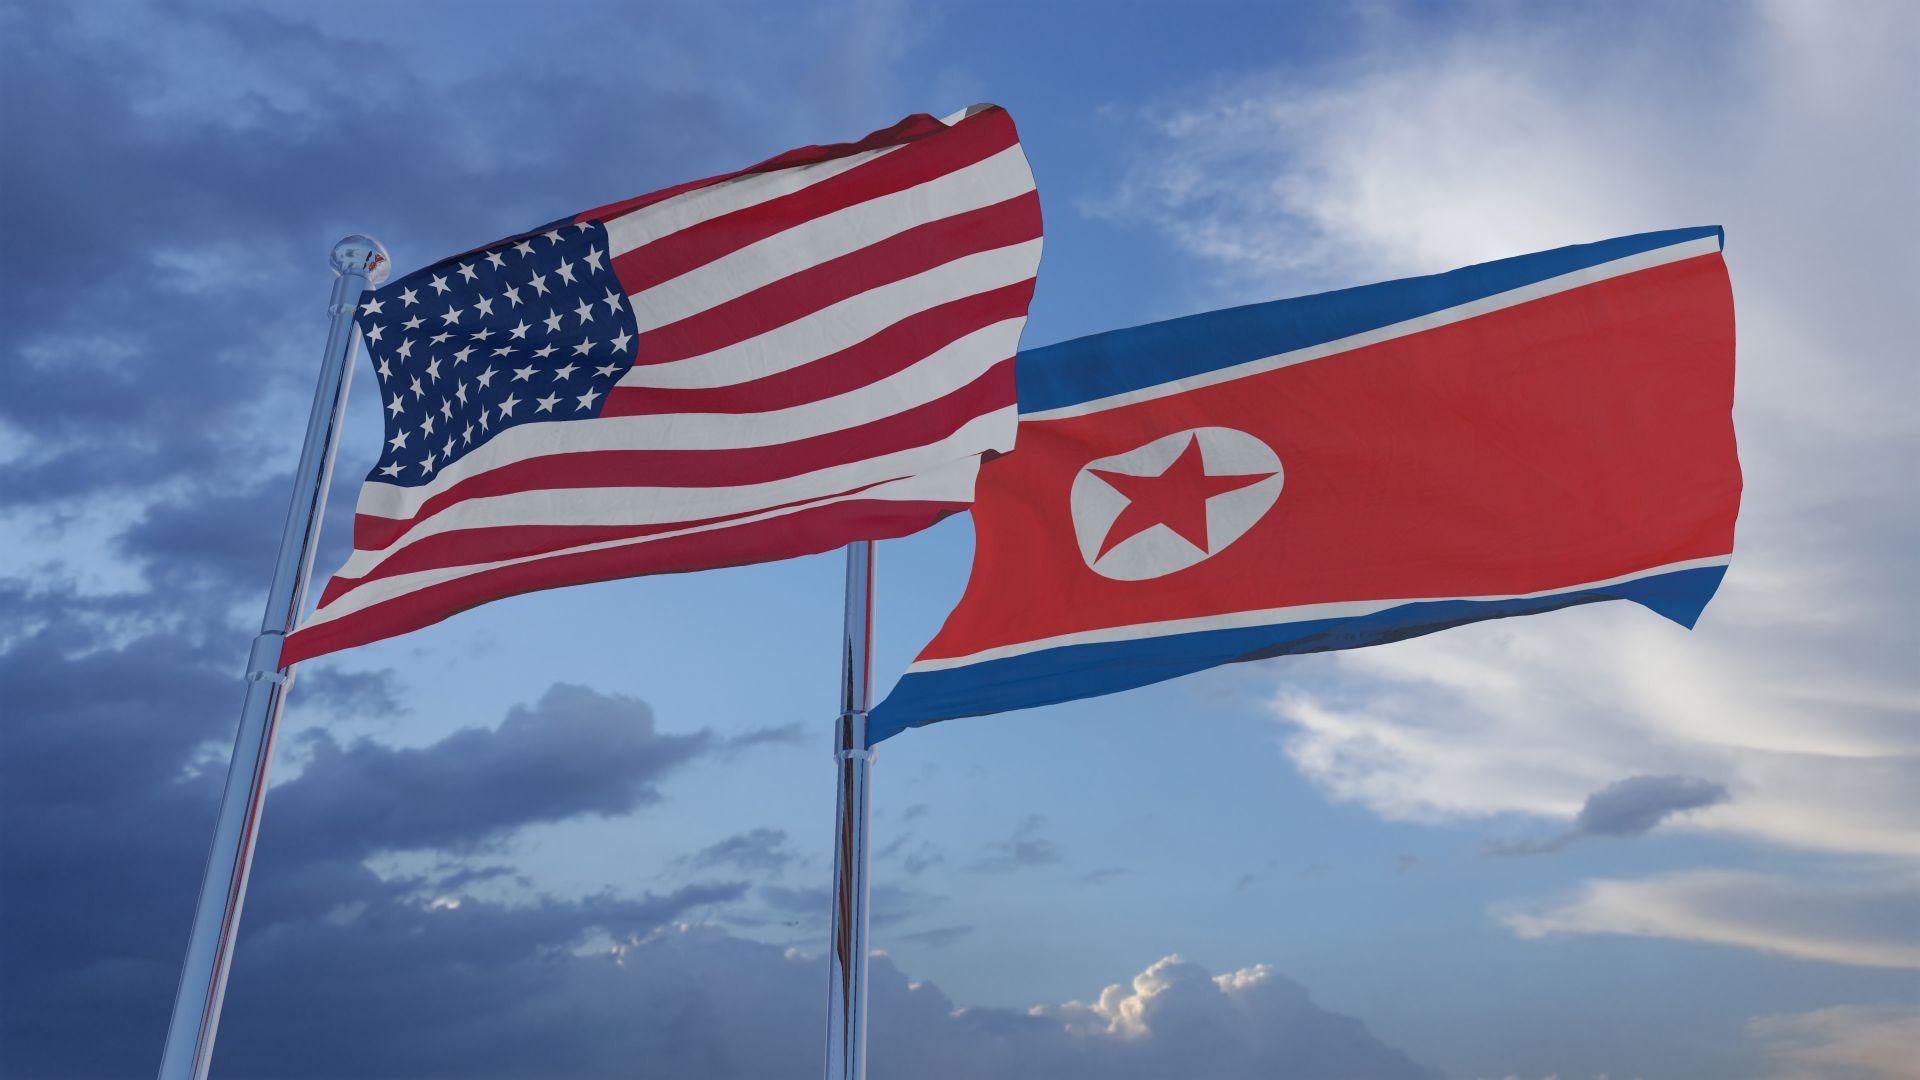 Северна Корея не смята да има контакти със САЩ